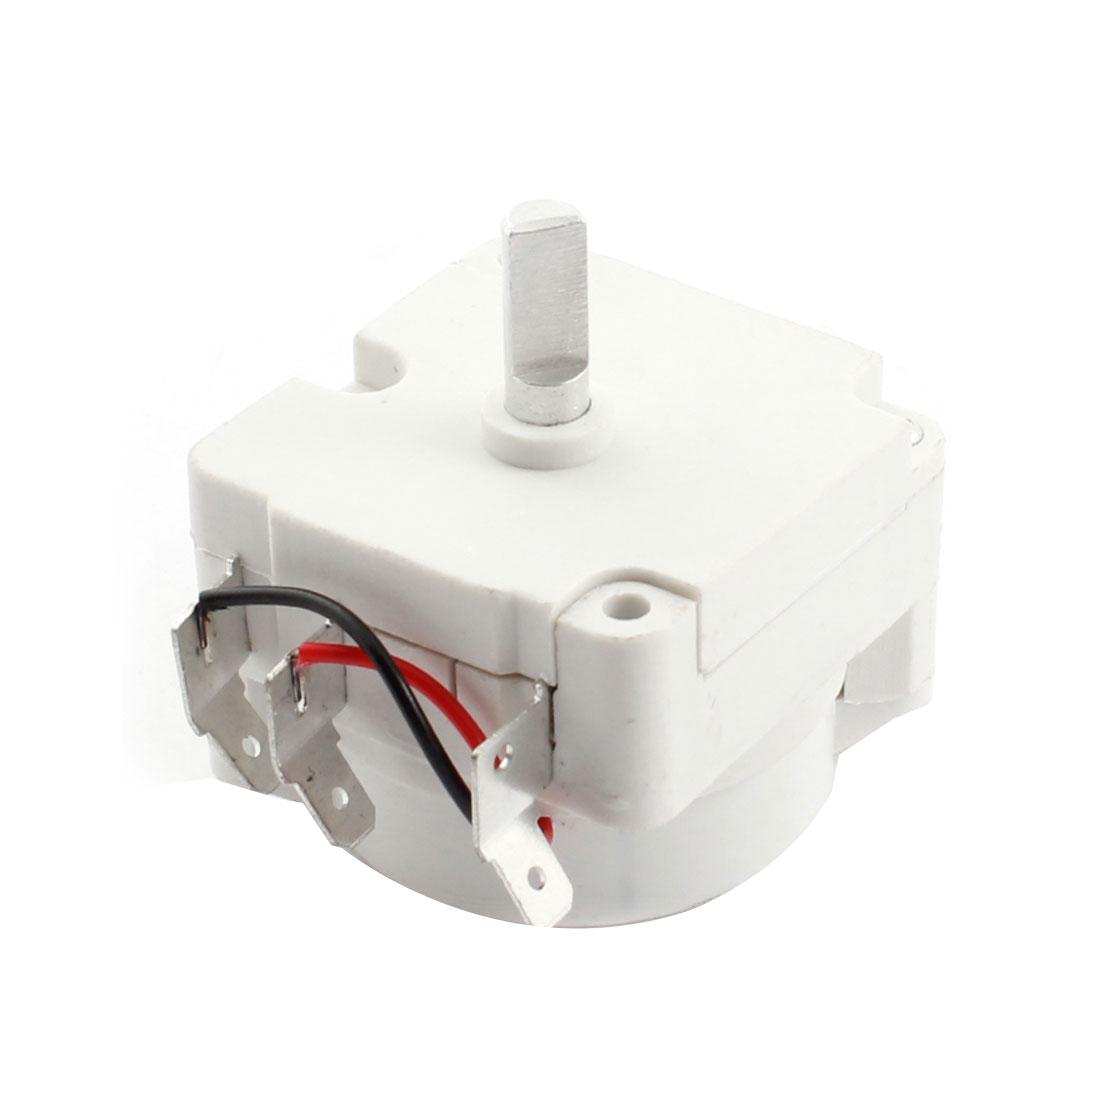 Pressure Cooker 30 Minutes Alarm Timer Repairing Part AC 220V 12A